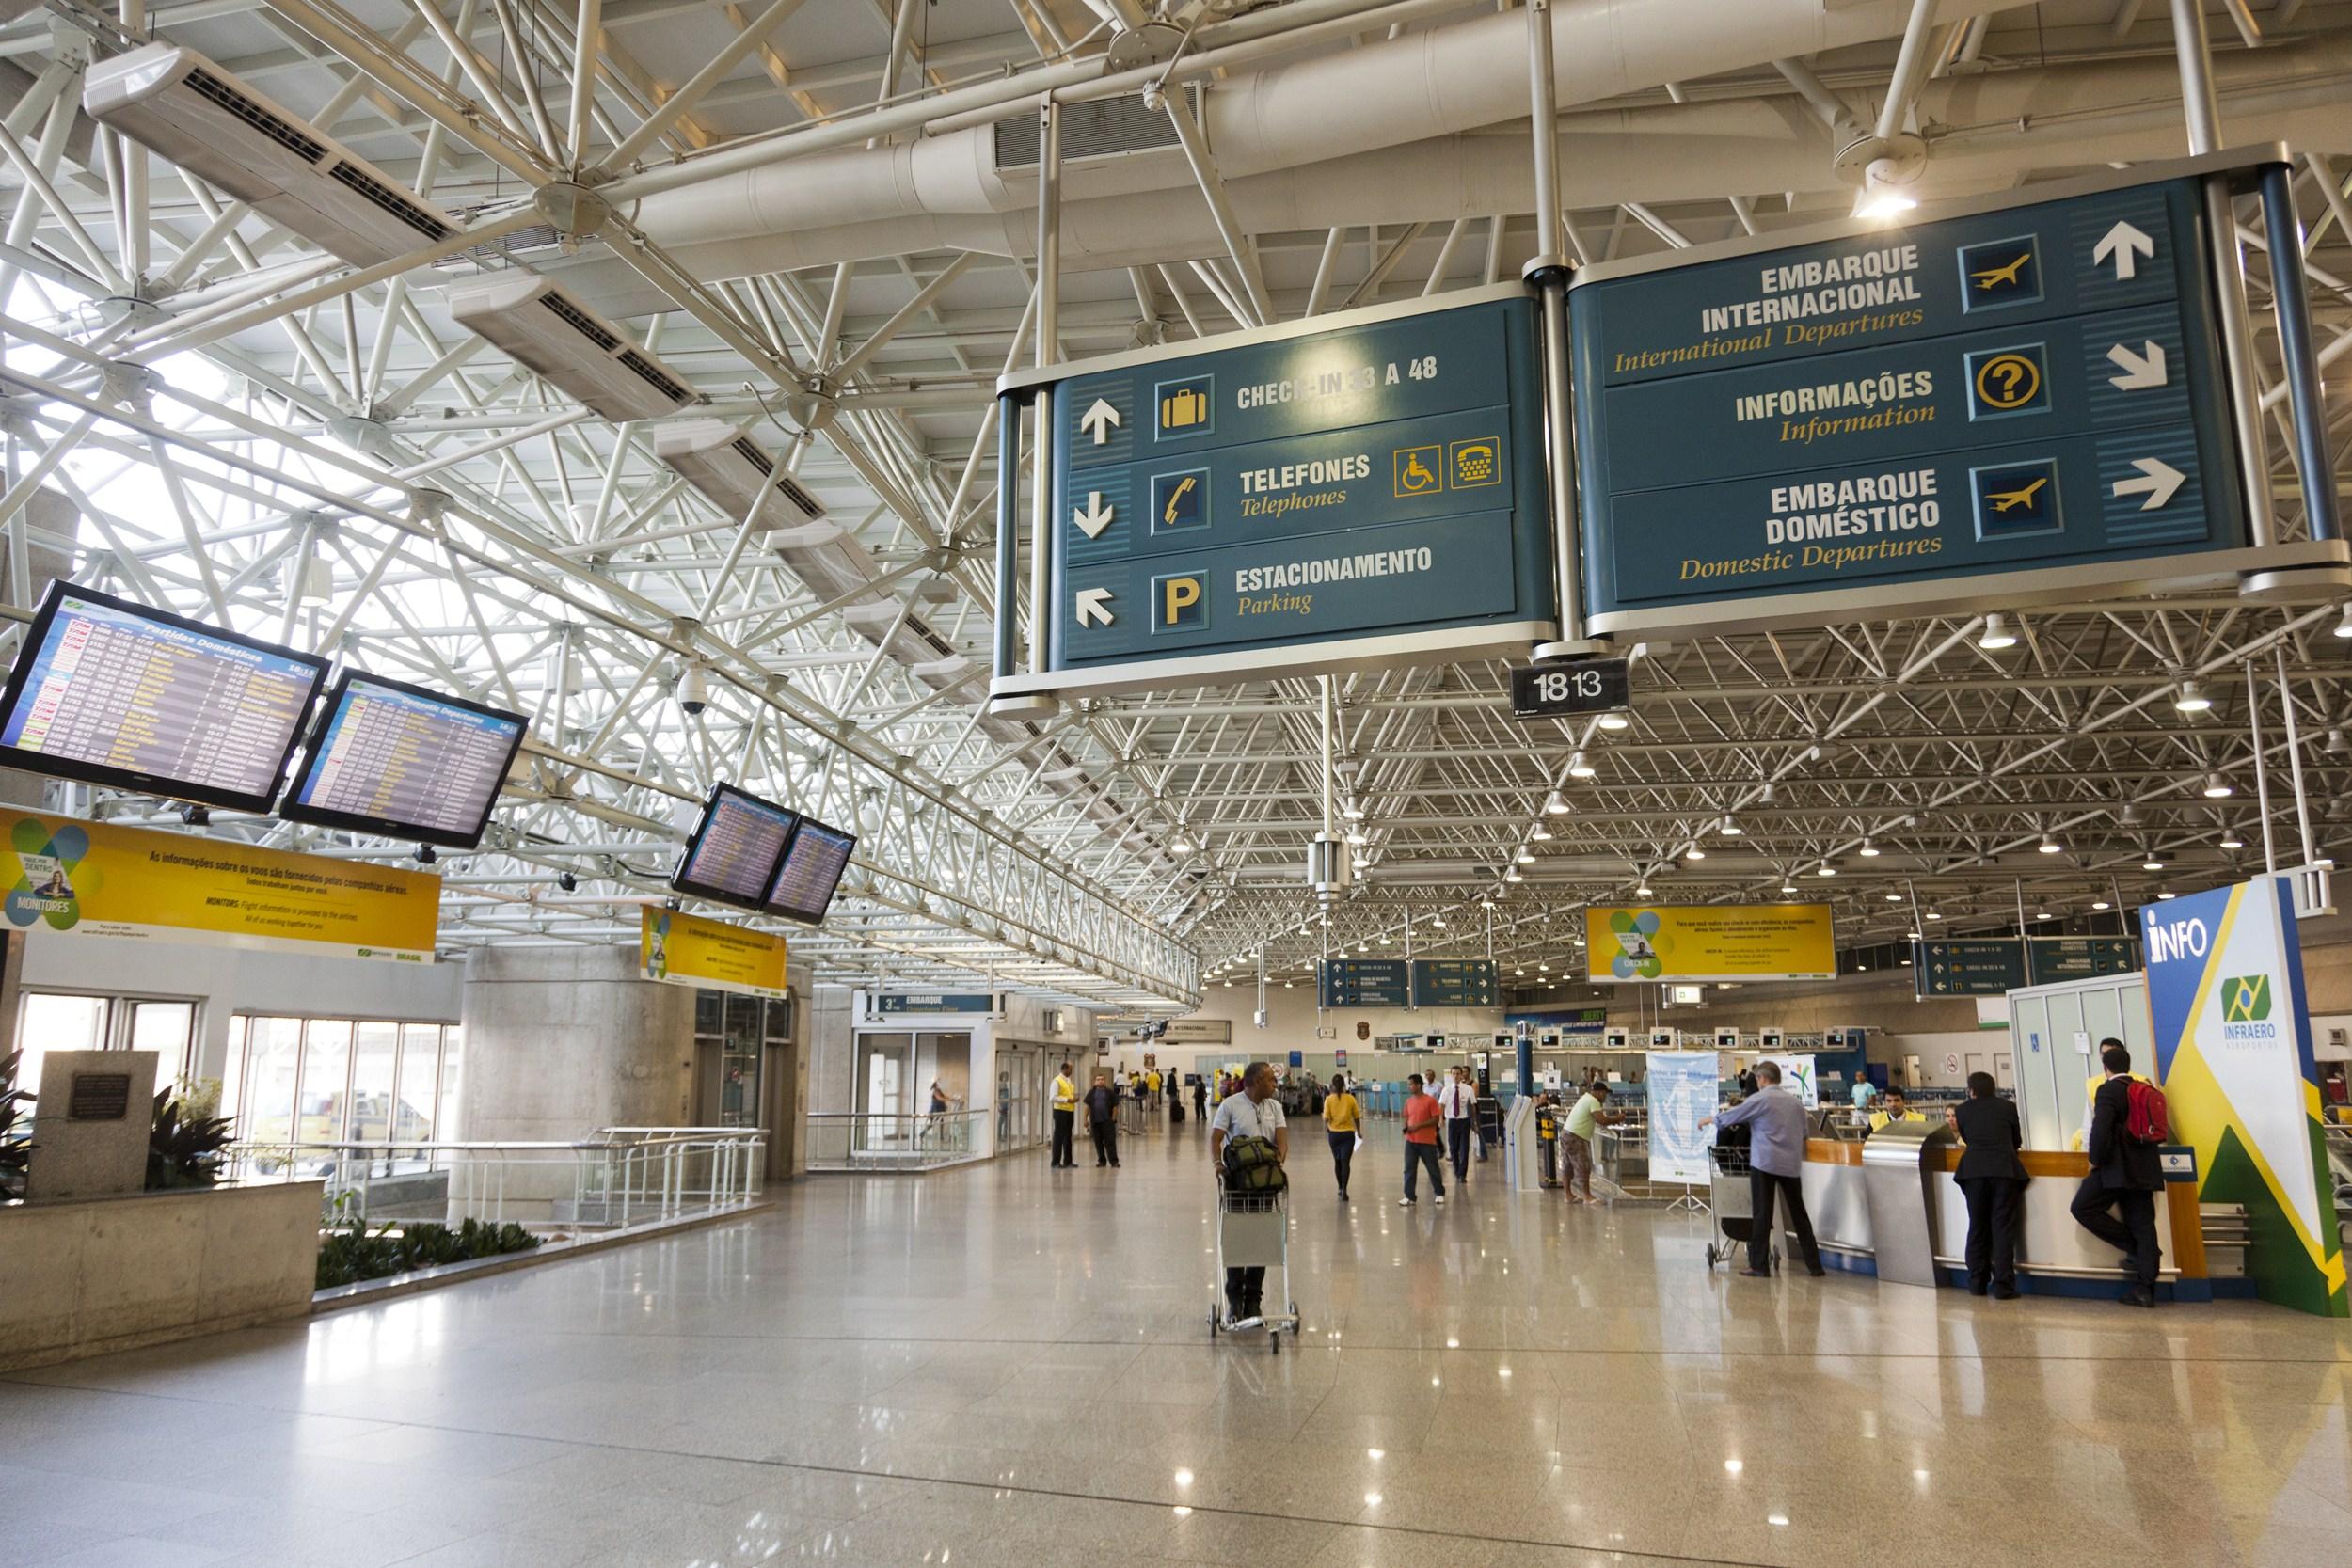 http://revistaembarque.com/wp-content/uploads/2016/04/aeroporto-galeao10.jpg